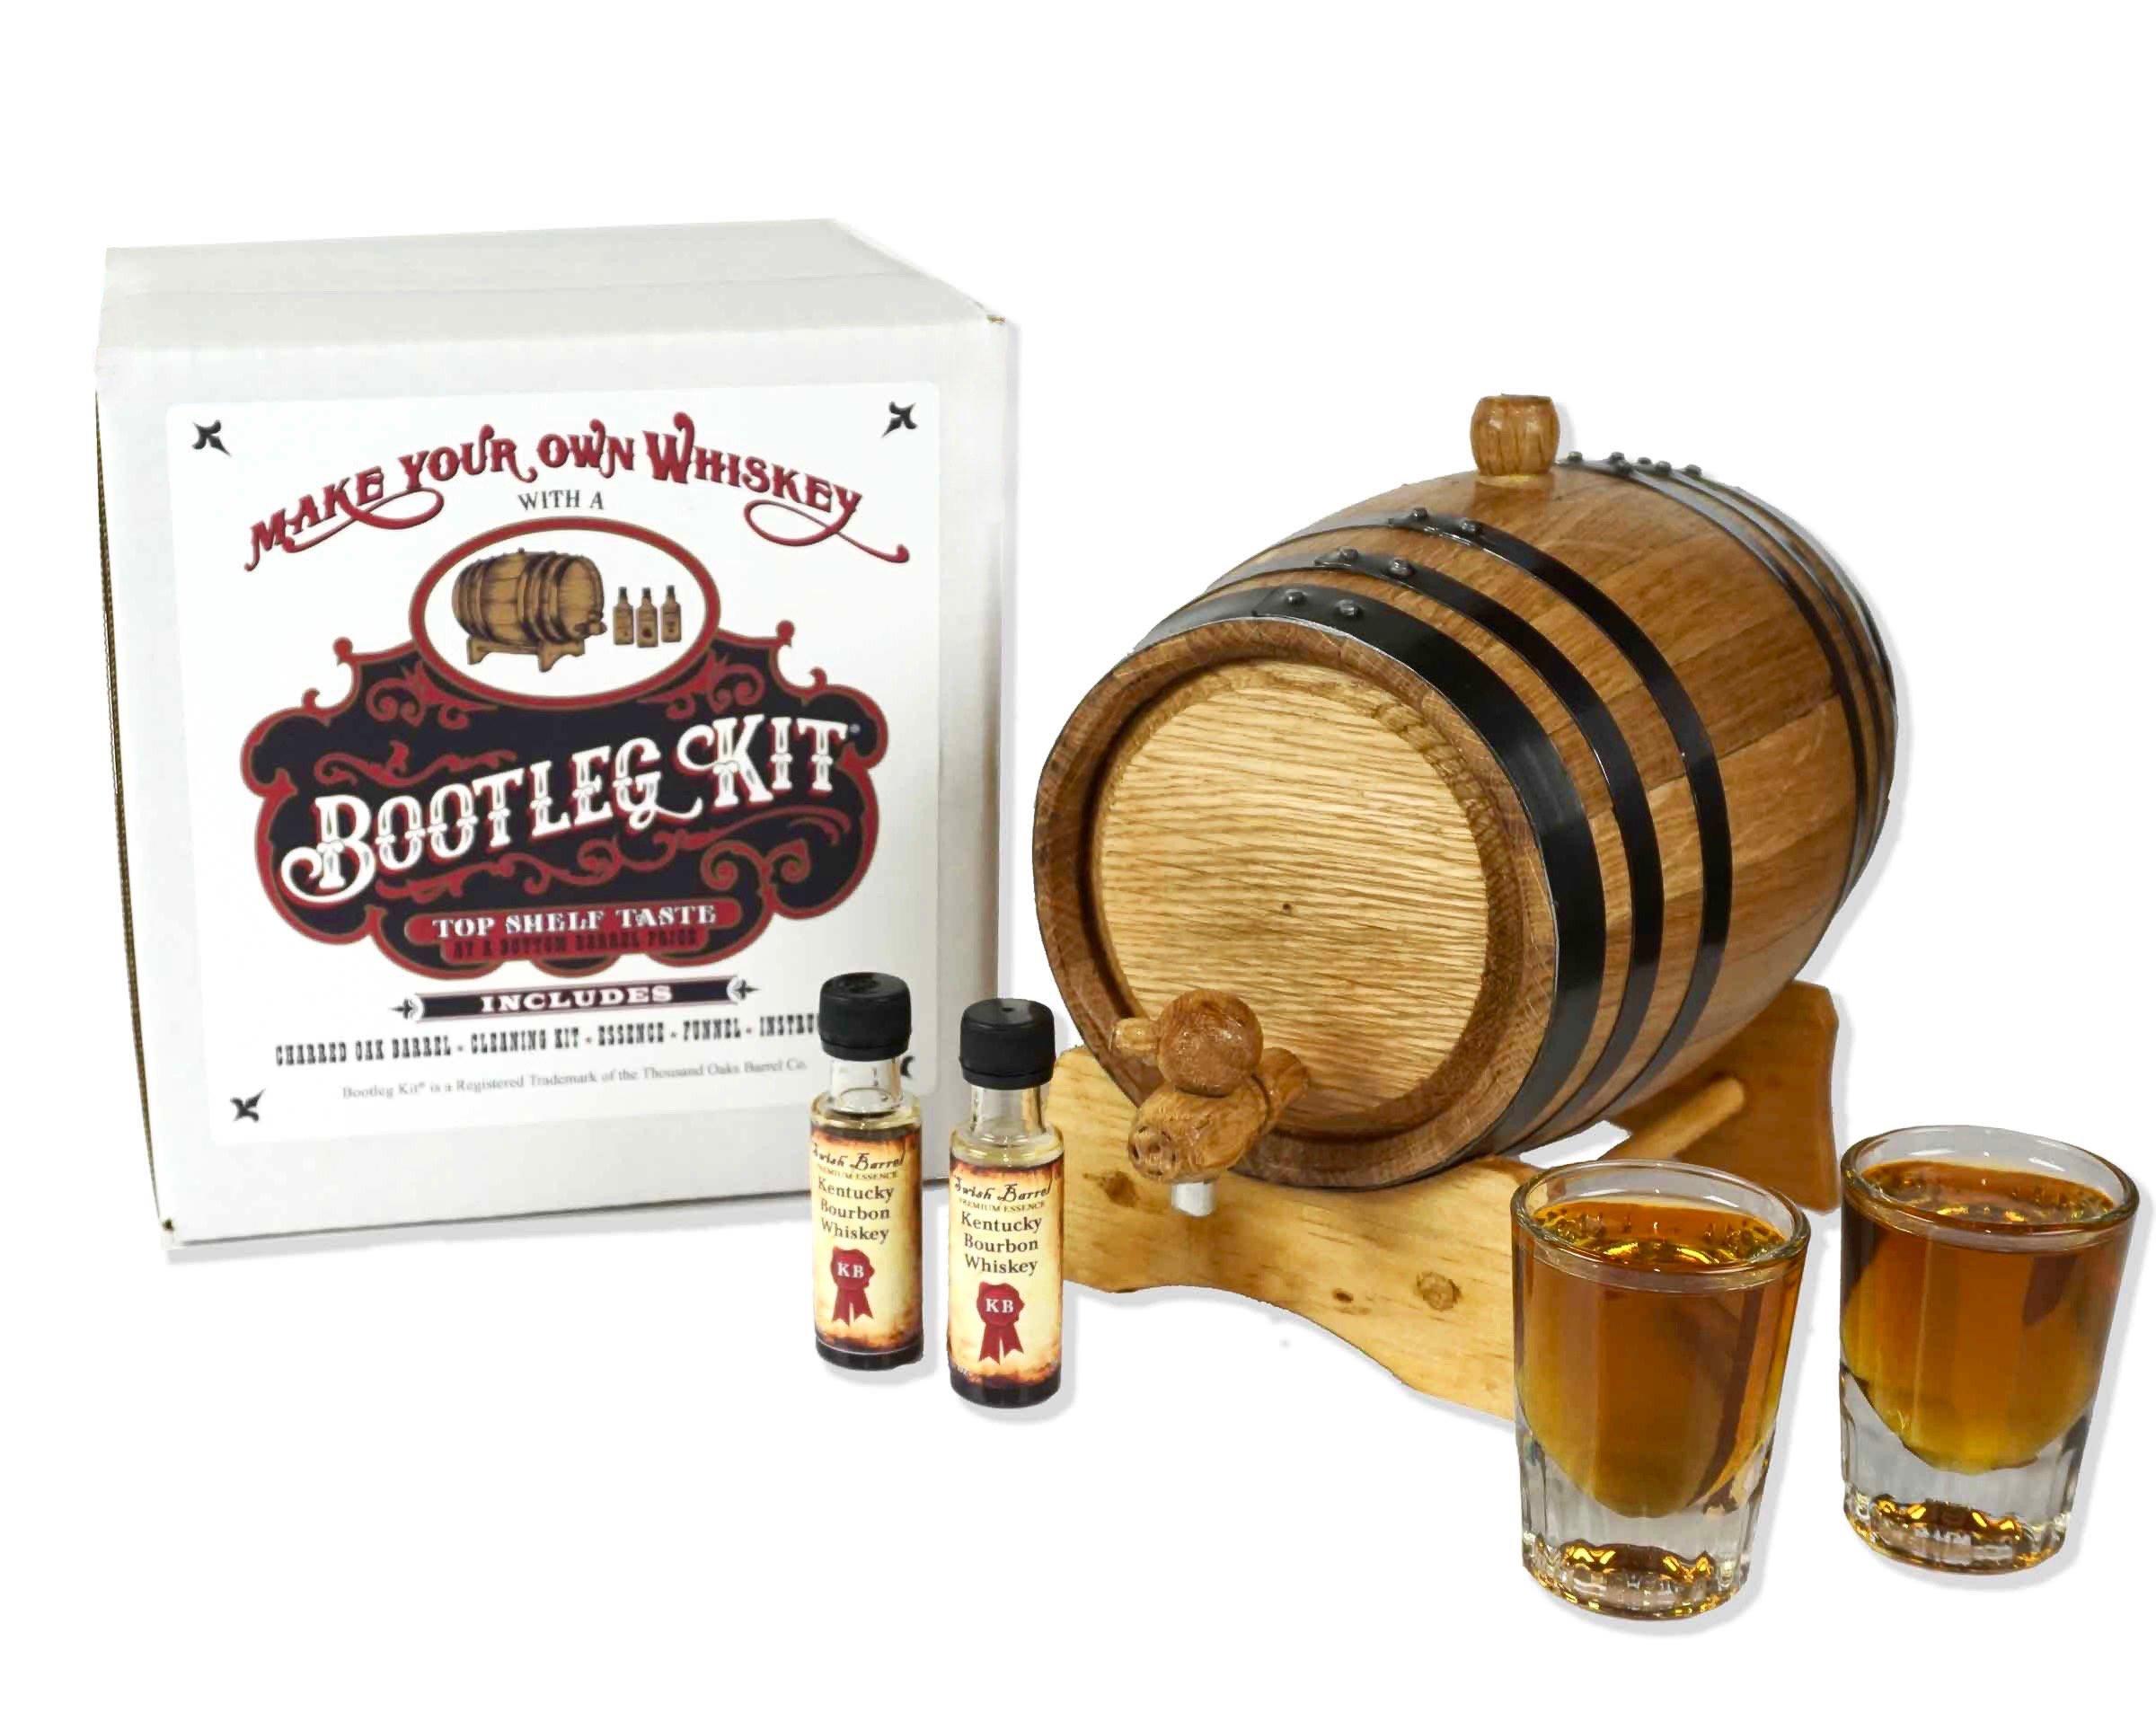 Bootleg KitTM Barrel Aged Tennessee Whiskey Making Kit